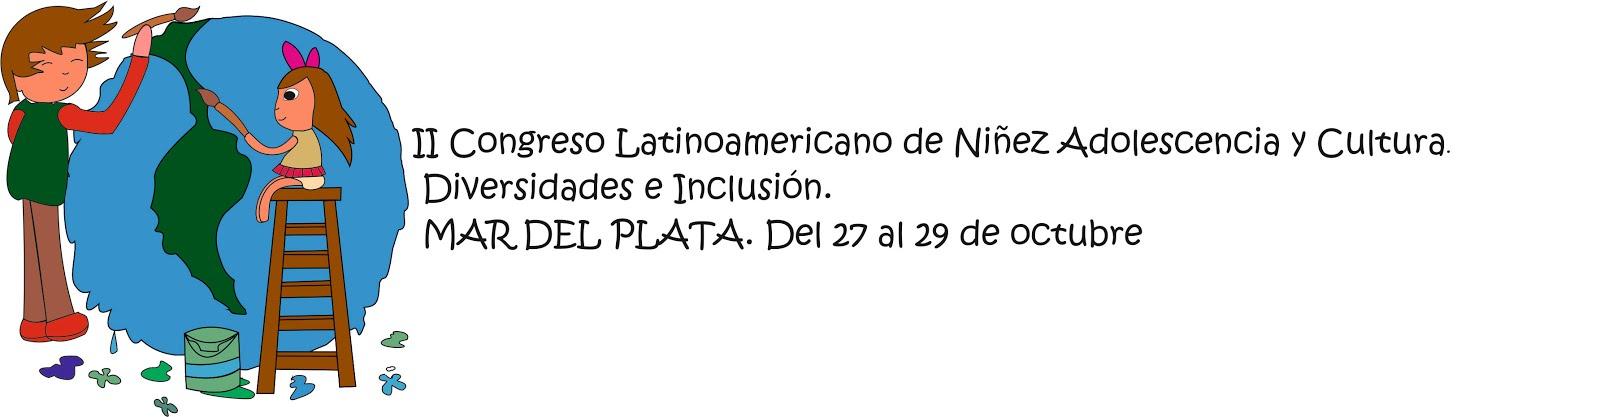 Congreso Latinoamericano de Niñez, Adolescencia y Cultura